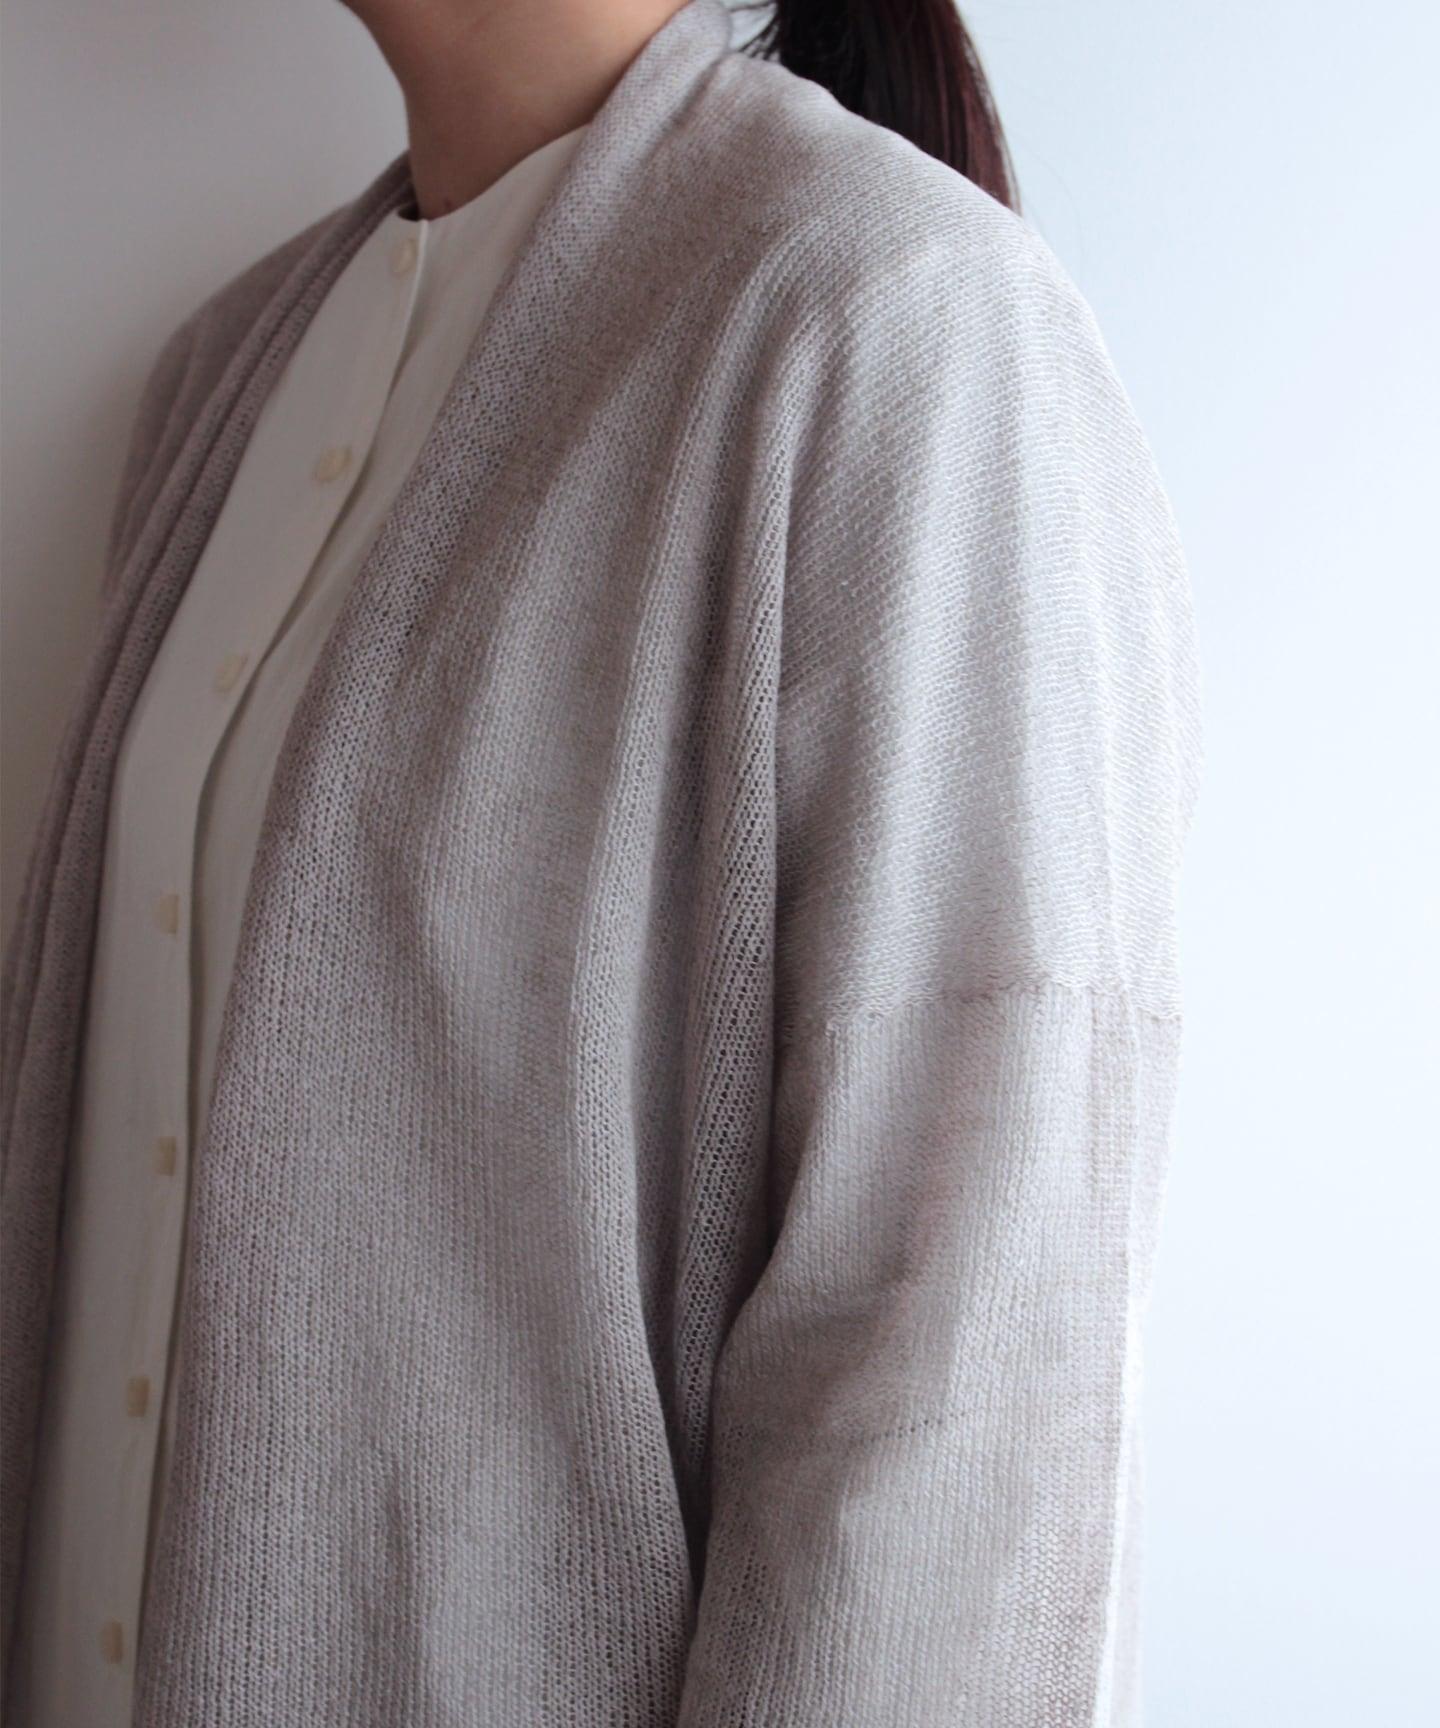 【編み物キット】編み機で作るシルクリネンカーディガン(糸:No.17)